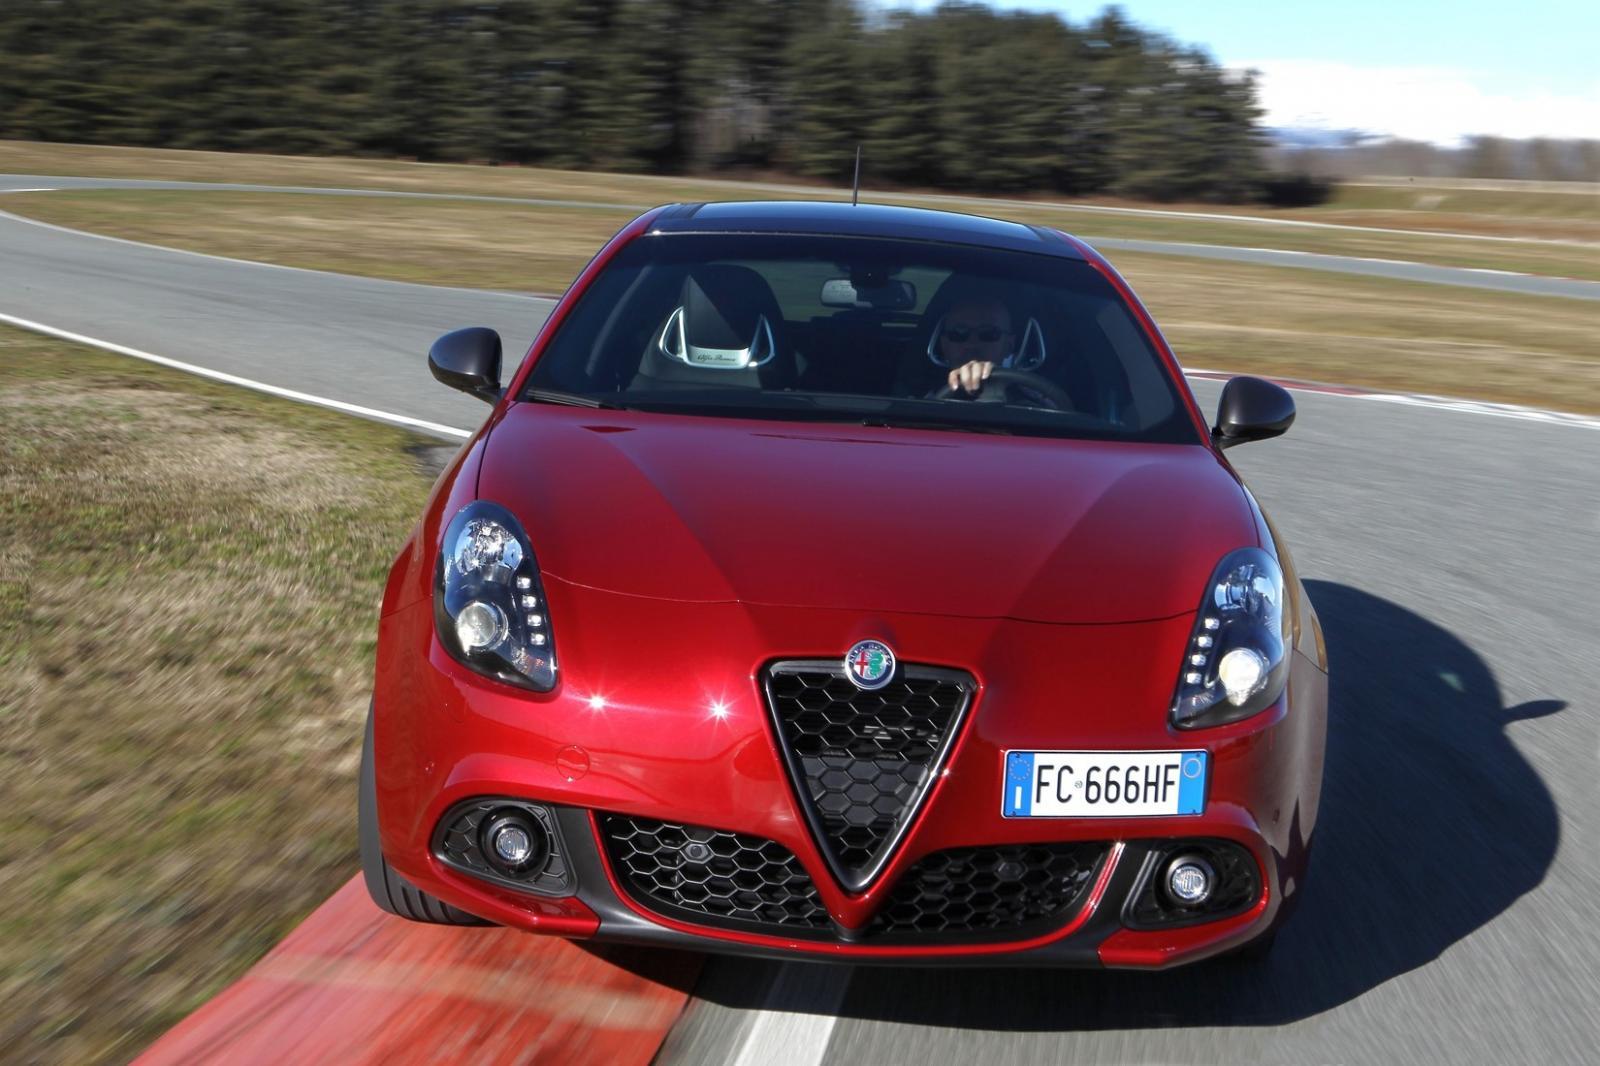 El Alfa Romeo Giulietta 110 Edizione 2021 en color Rojo Competizione Tricapa